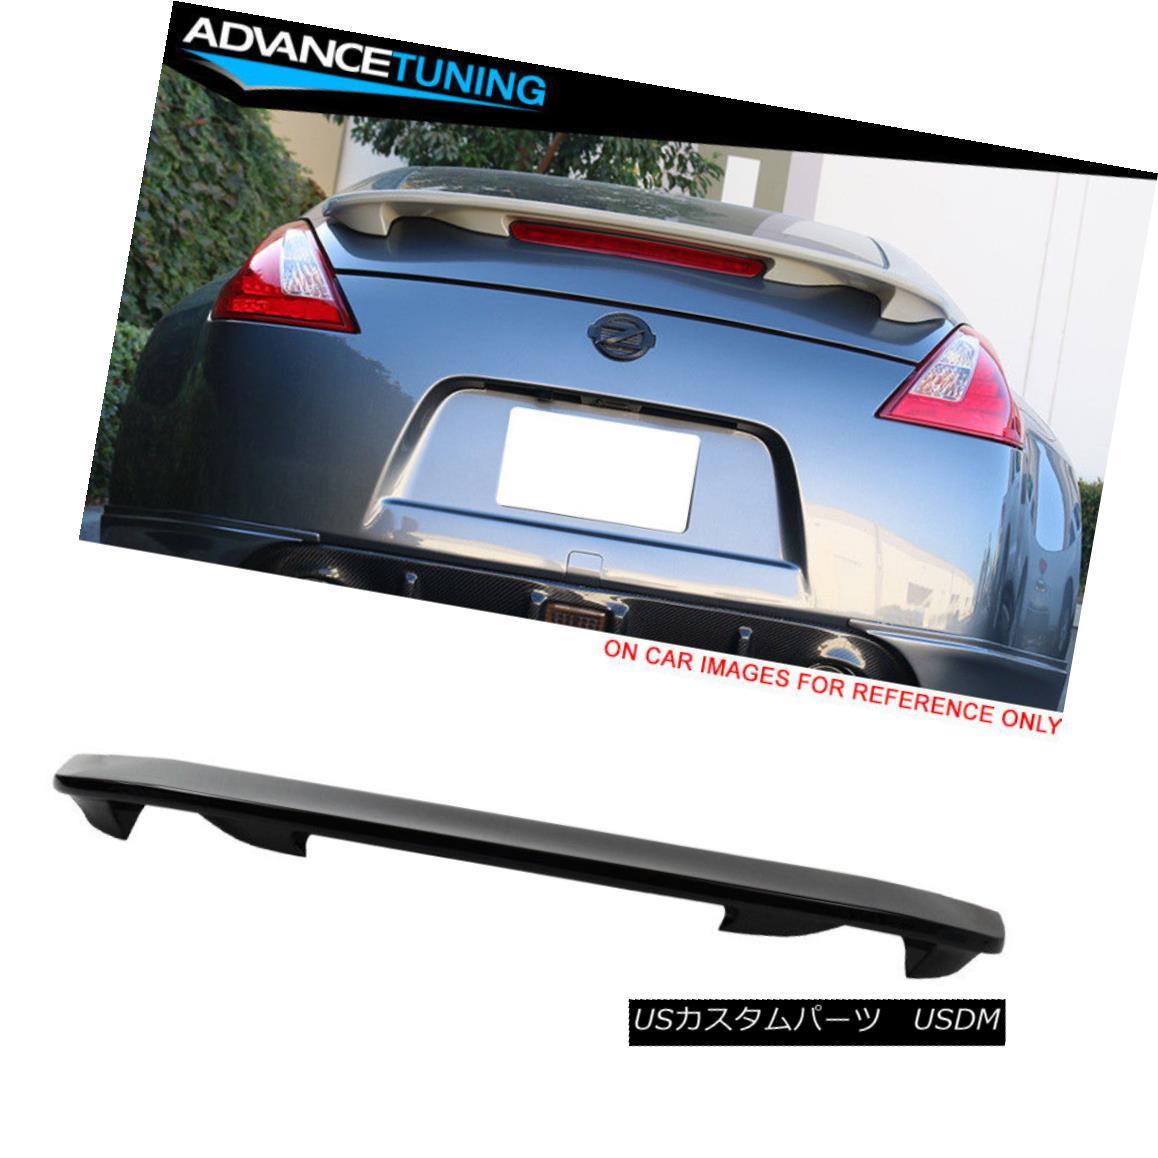 エアロパーツ For 09-18 Nissan 370Z Z34 Fairlady Trunk Spoiler OEM Painted #G41 Black Metallic 09-18日産370Z Z34フェアレディトランクスポイラーOEM塗装#G41ブラックメタリック